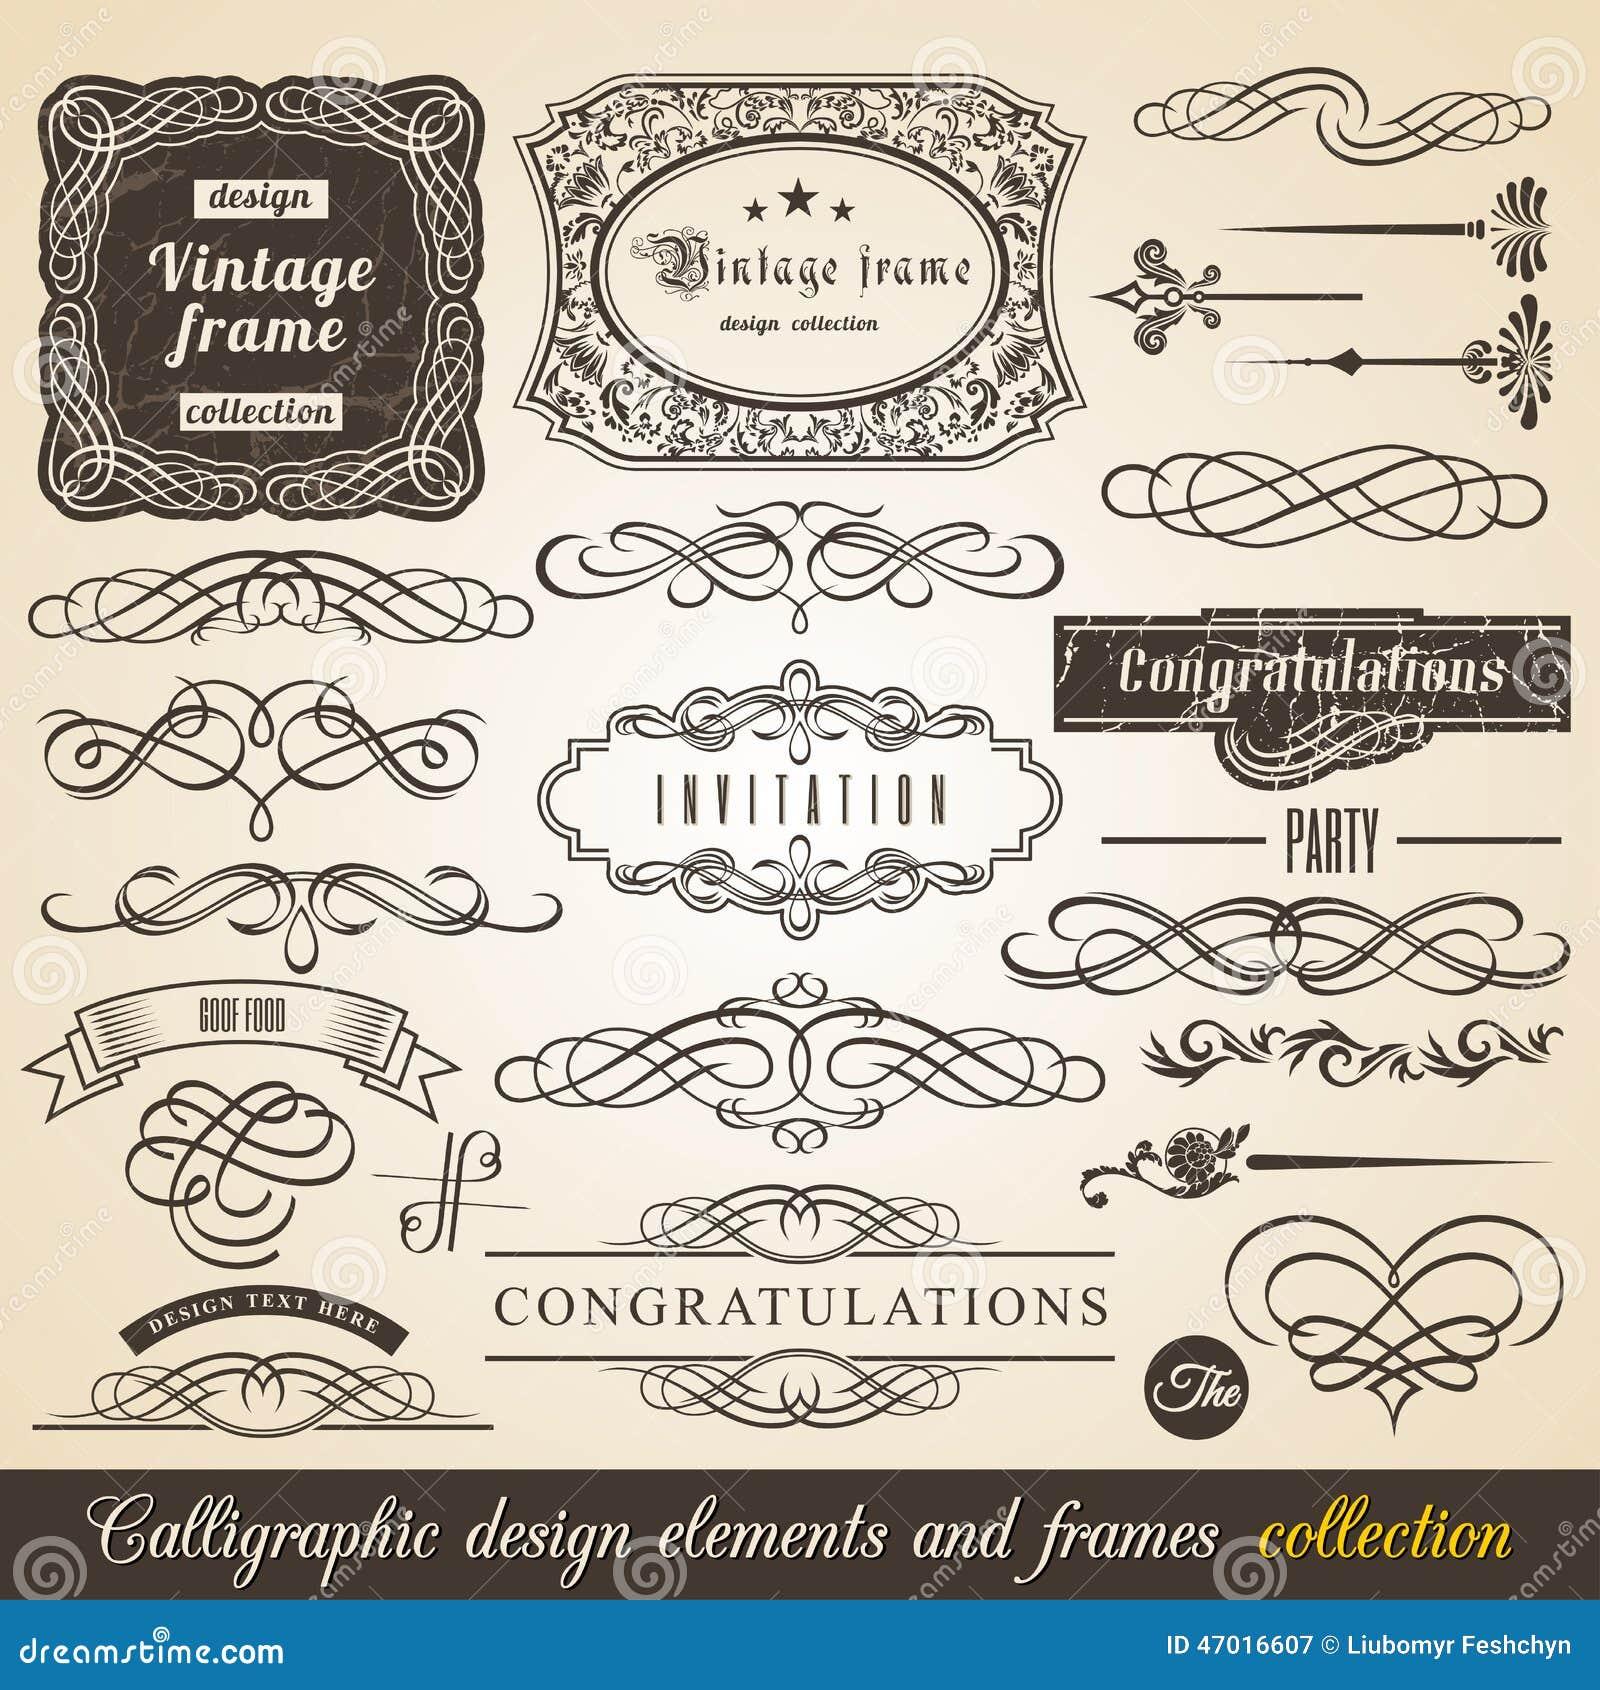 Vector kalligraphische Element Grenzeckzarge und Einladungs-Sammlung Dekorations-typografische Elemente, Weinlese-Aufkleber, Band